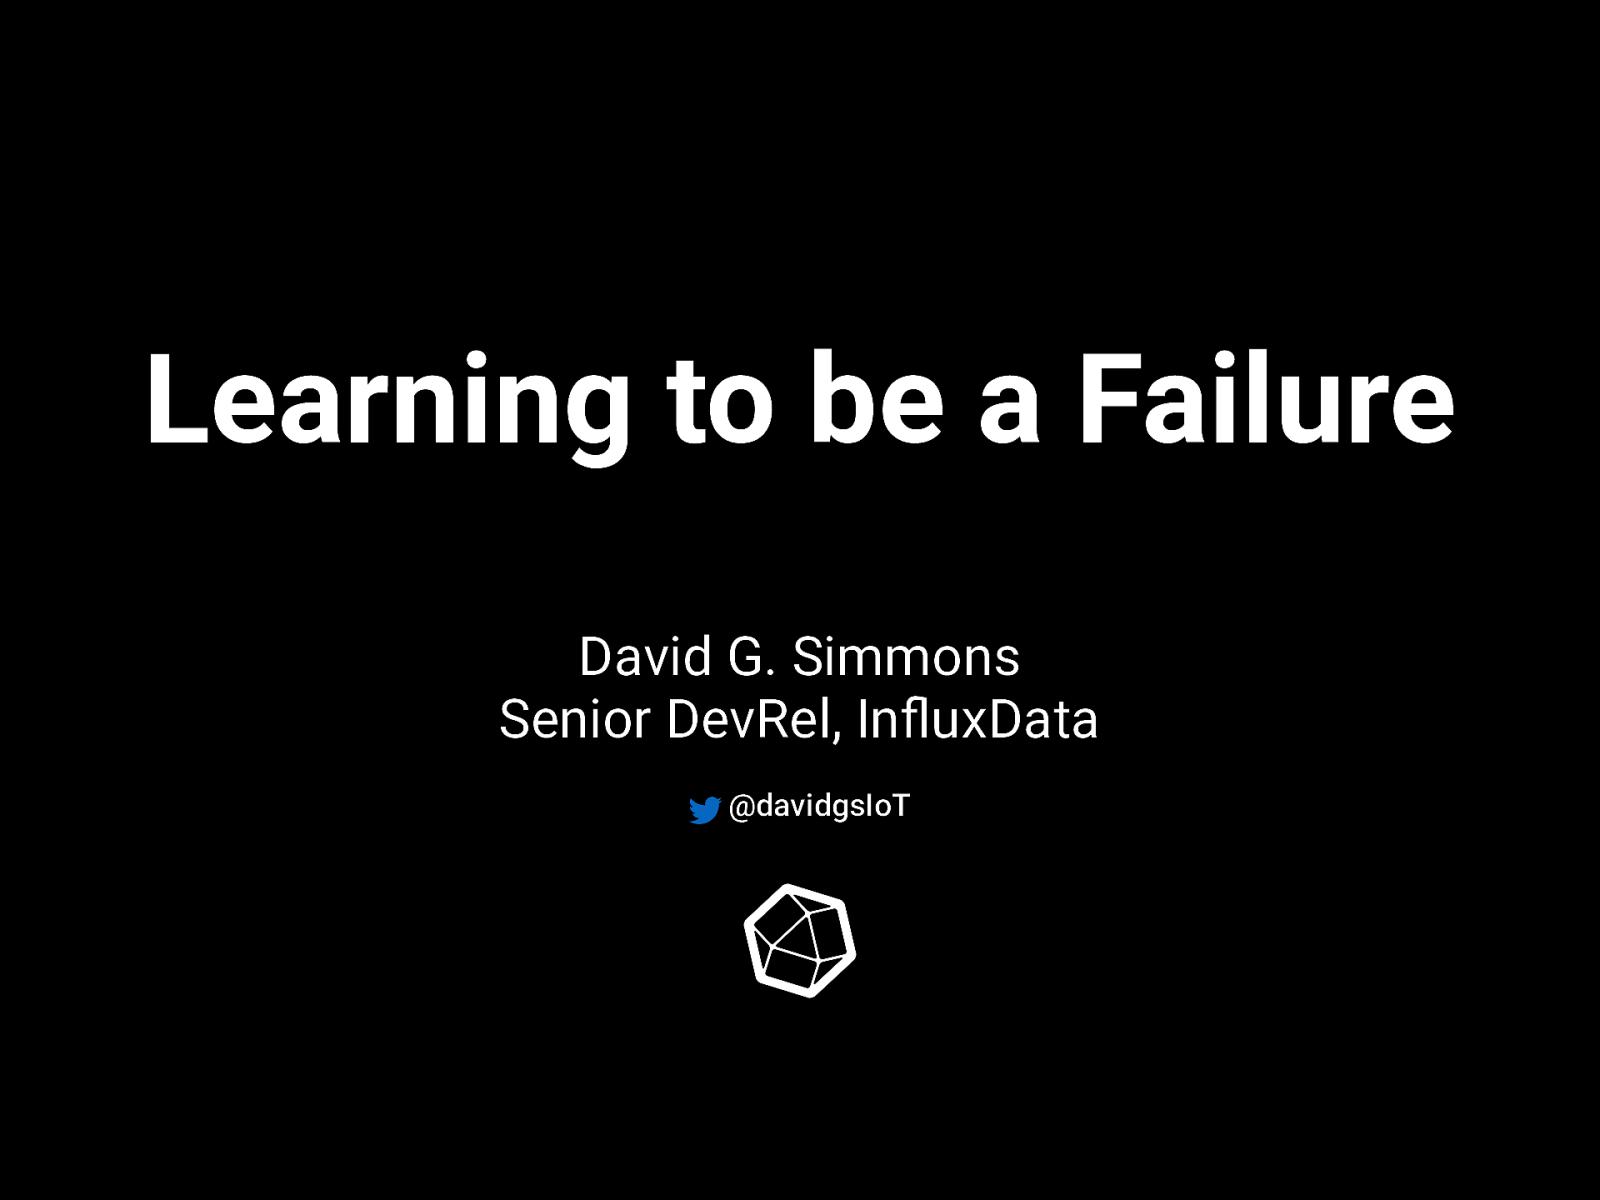 Being a Failure